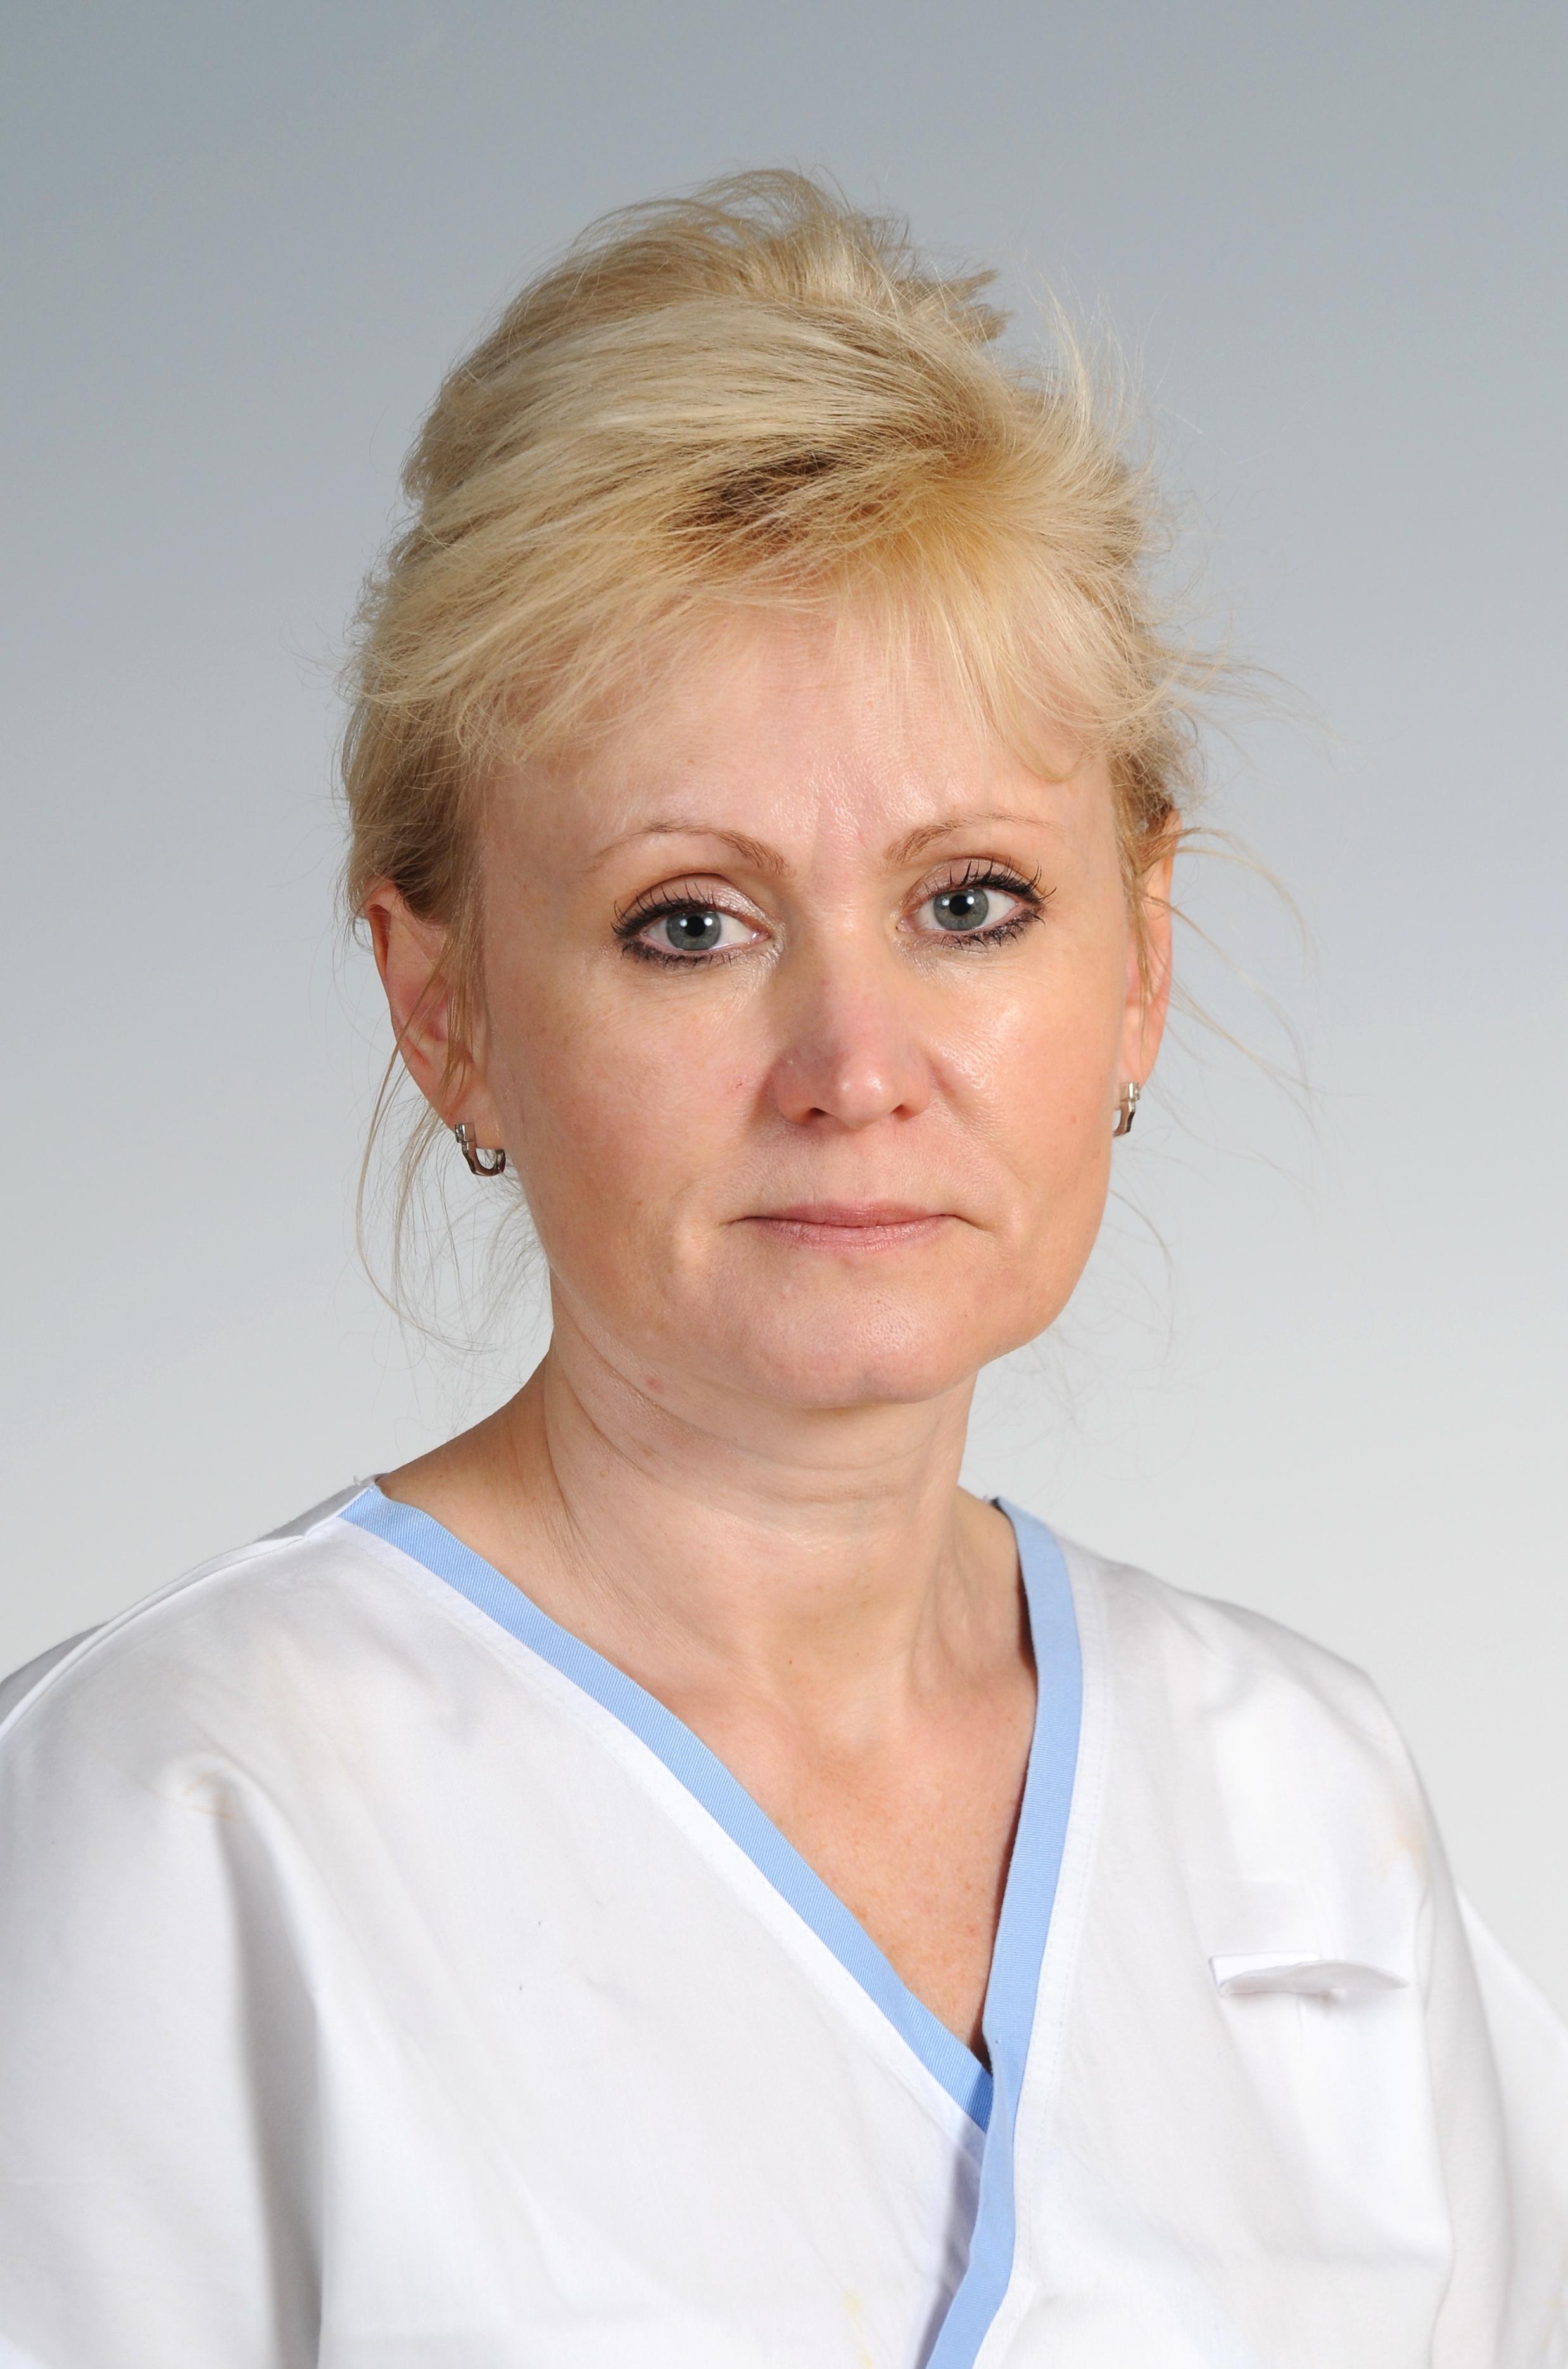 images/person/Semotánová_Zdeňka.jpg